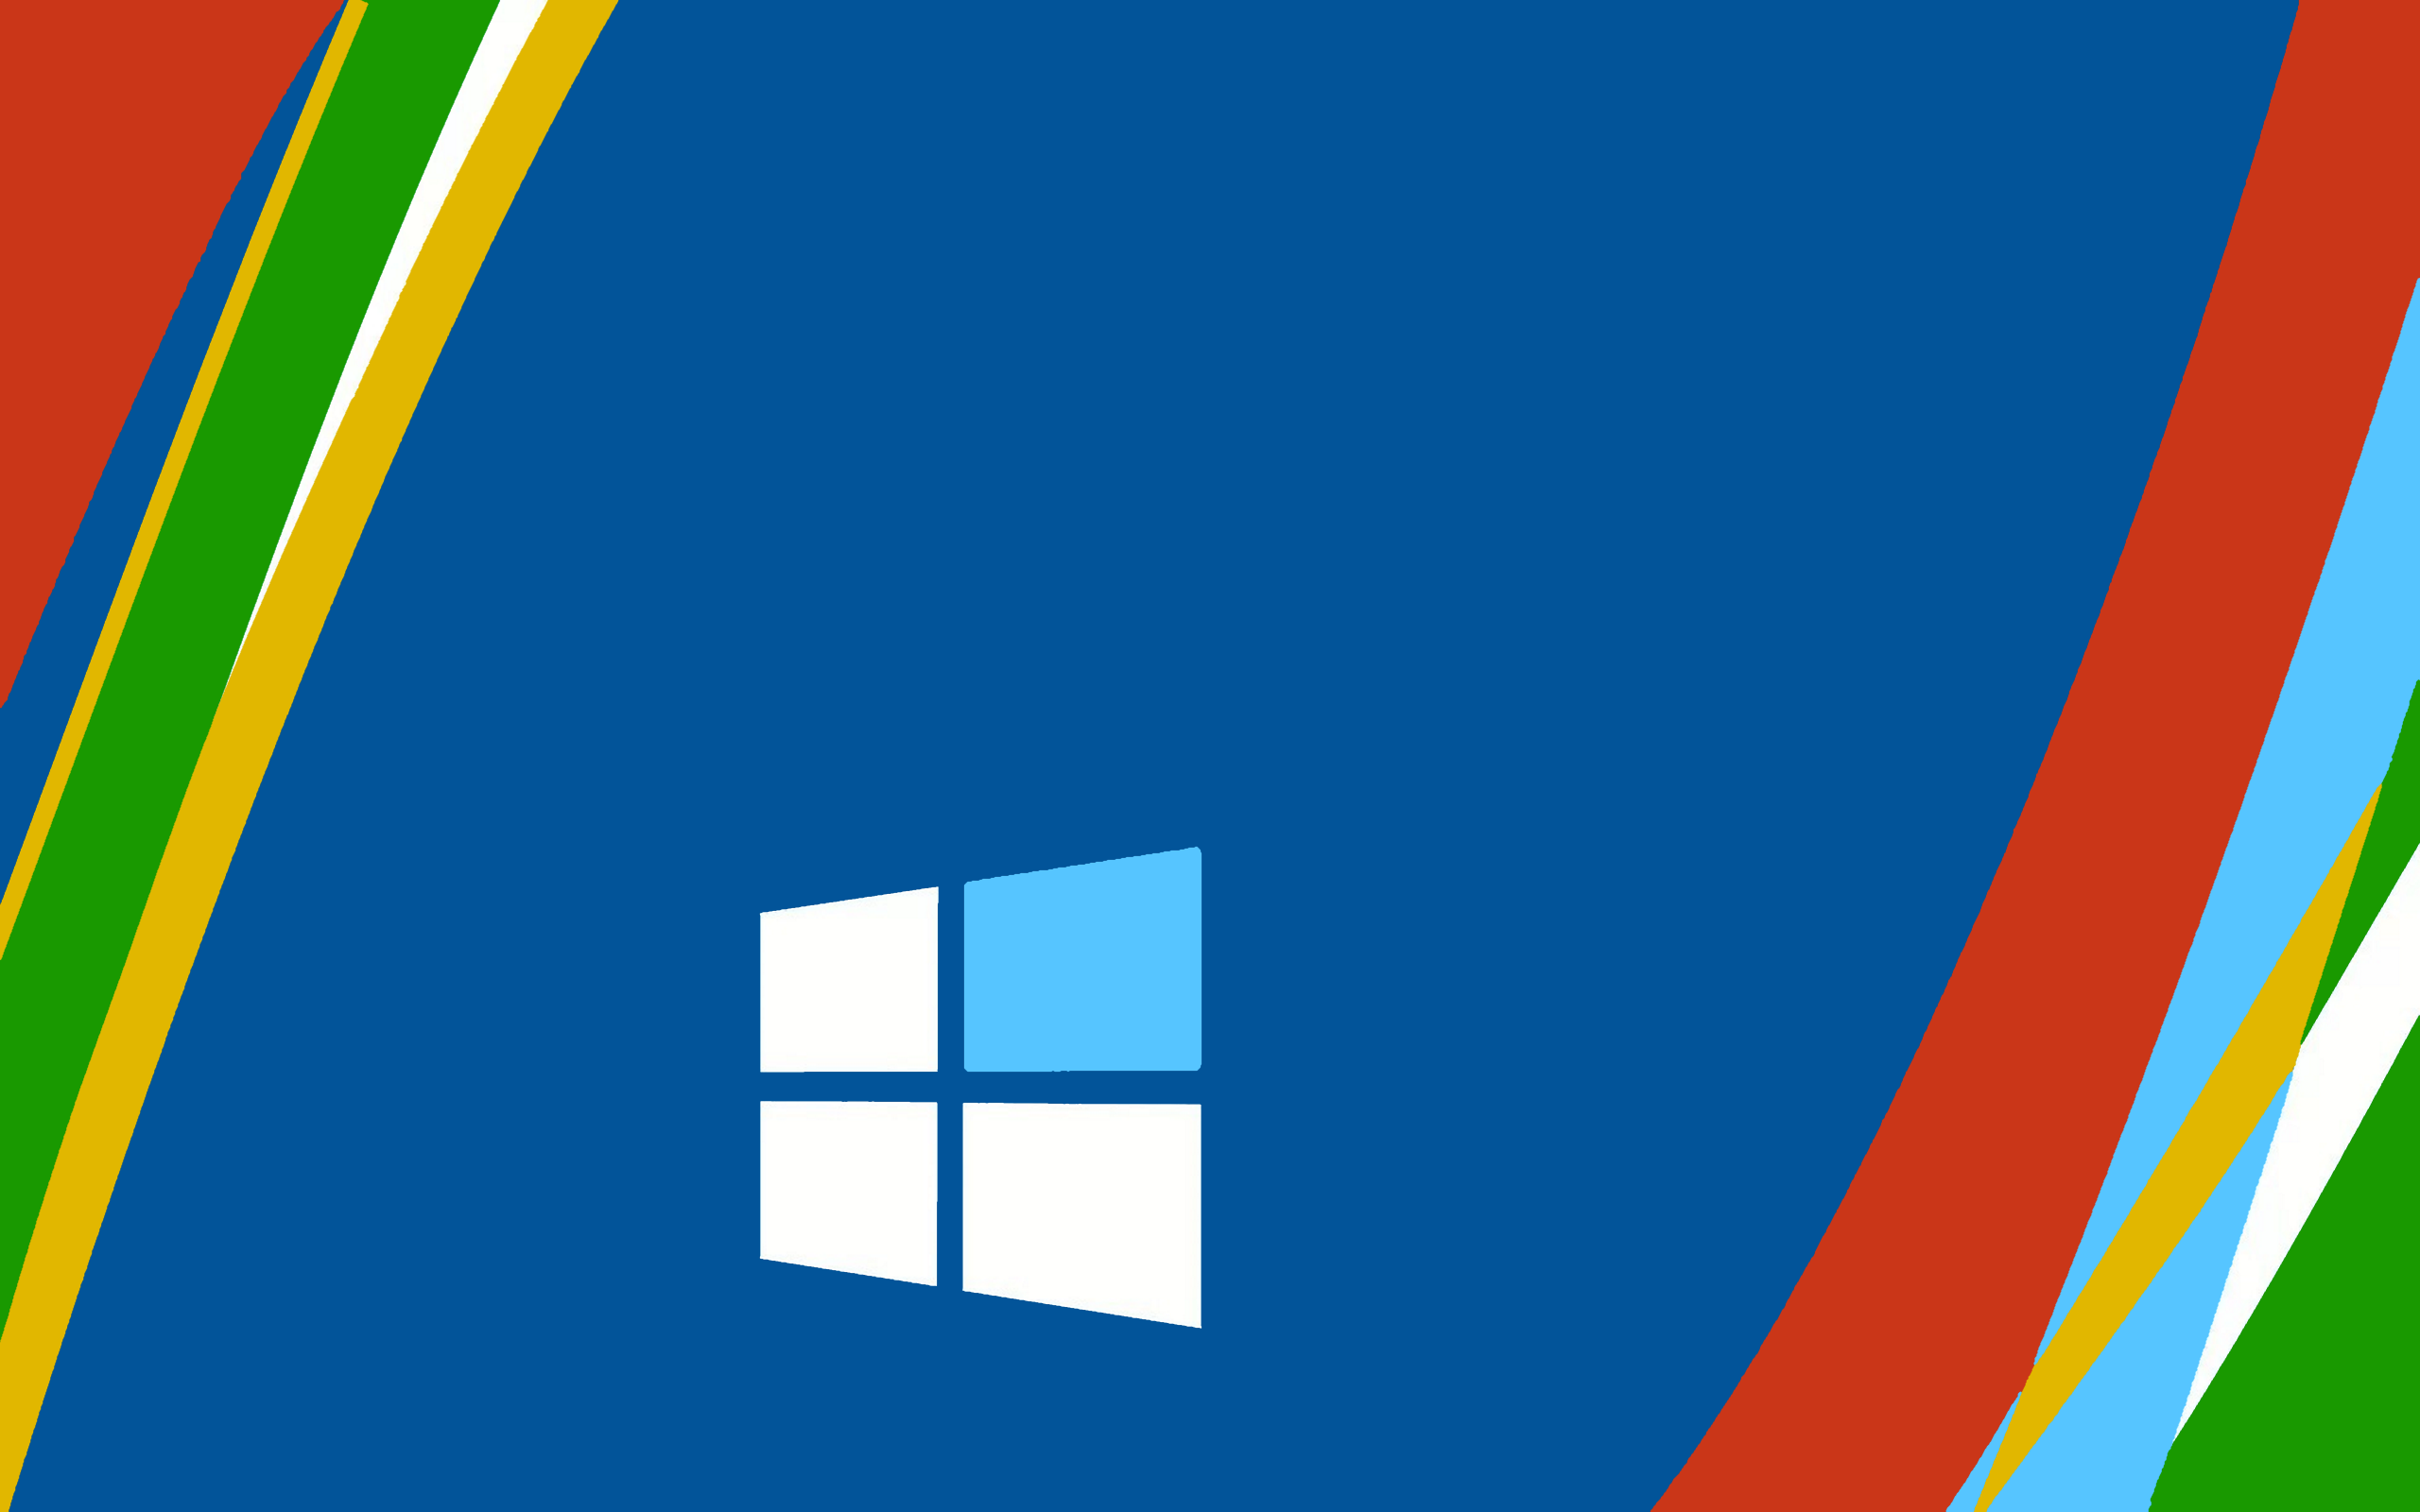 Fond D Ecran Windows Telechargement Hd Fond D Ecran Gagner 10 Hd 2560x1600 Wallpapertip